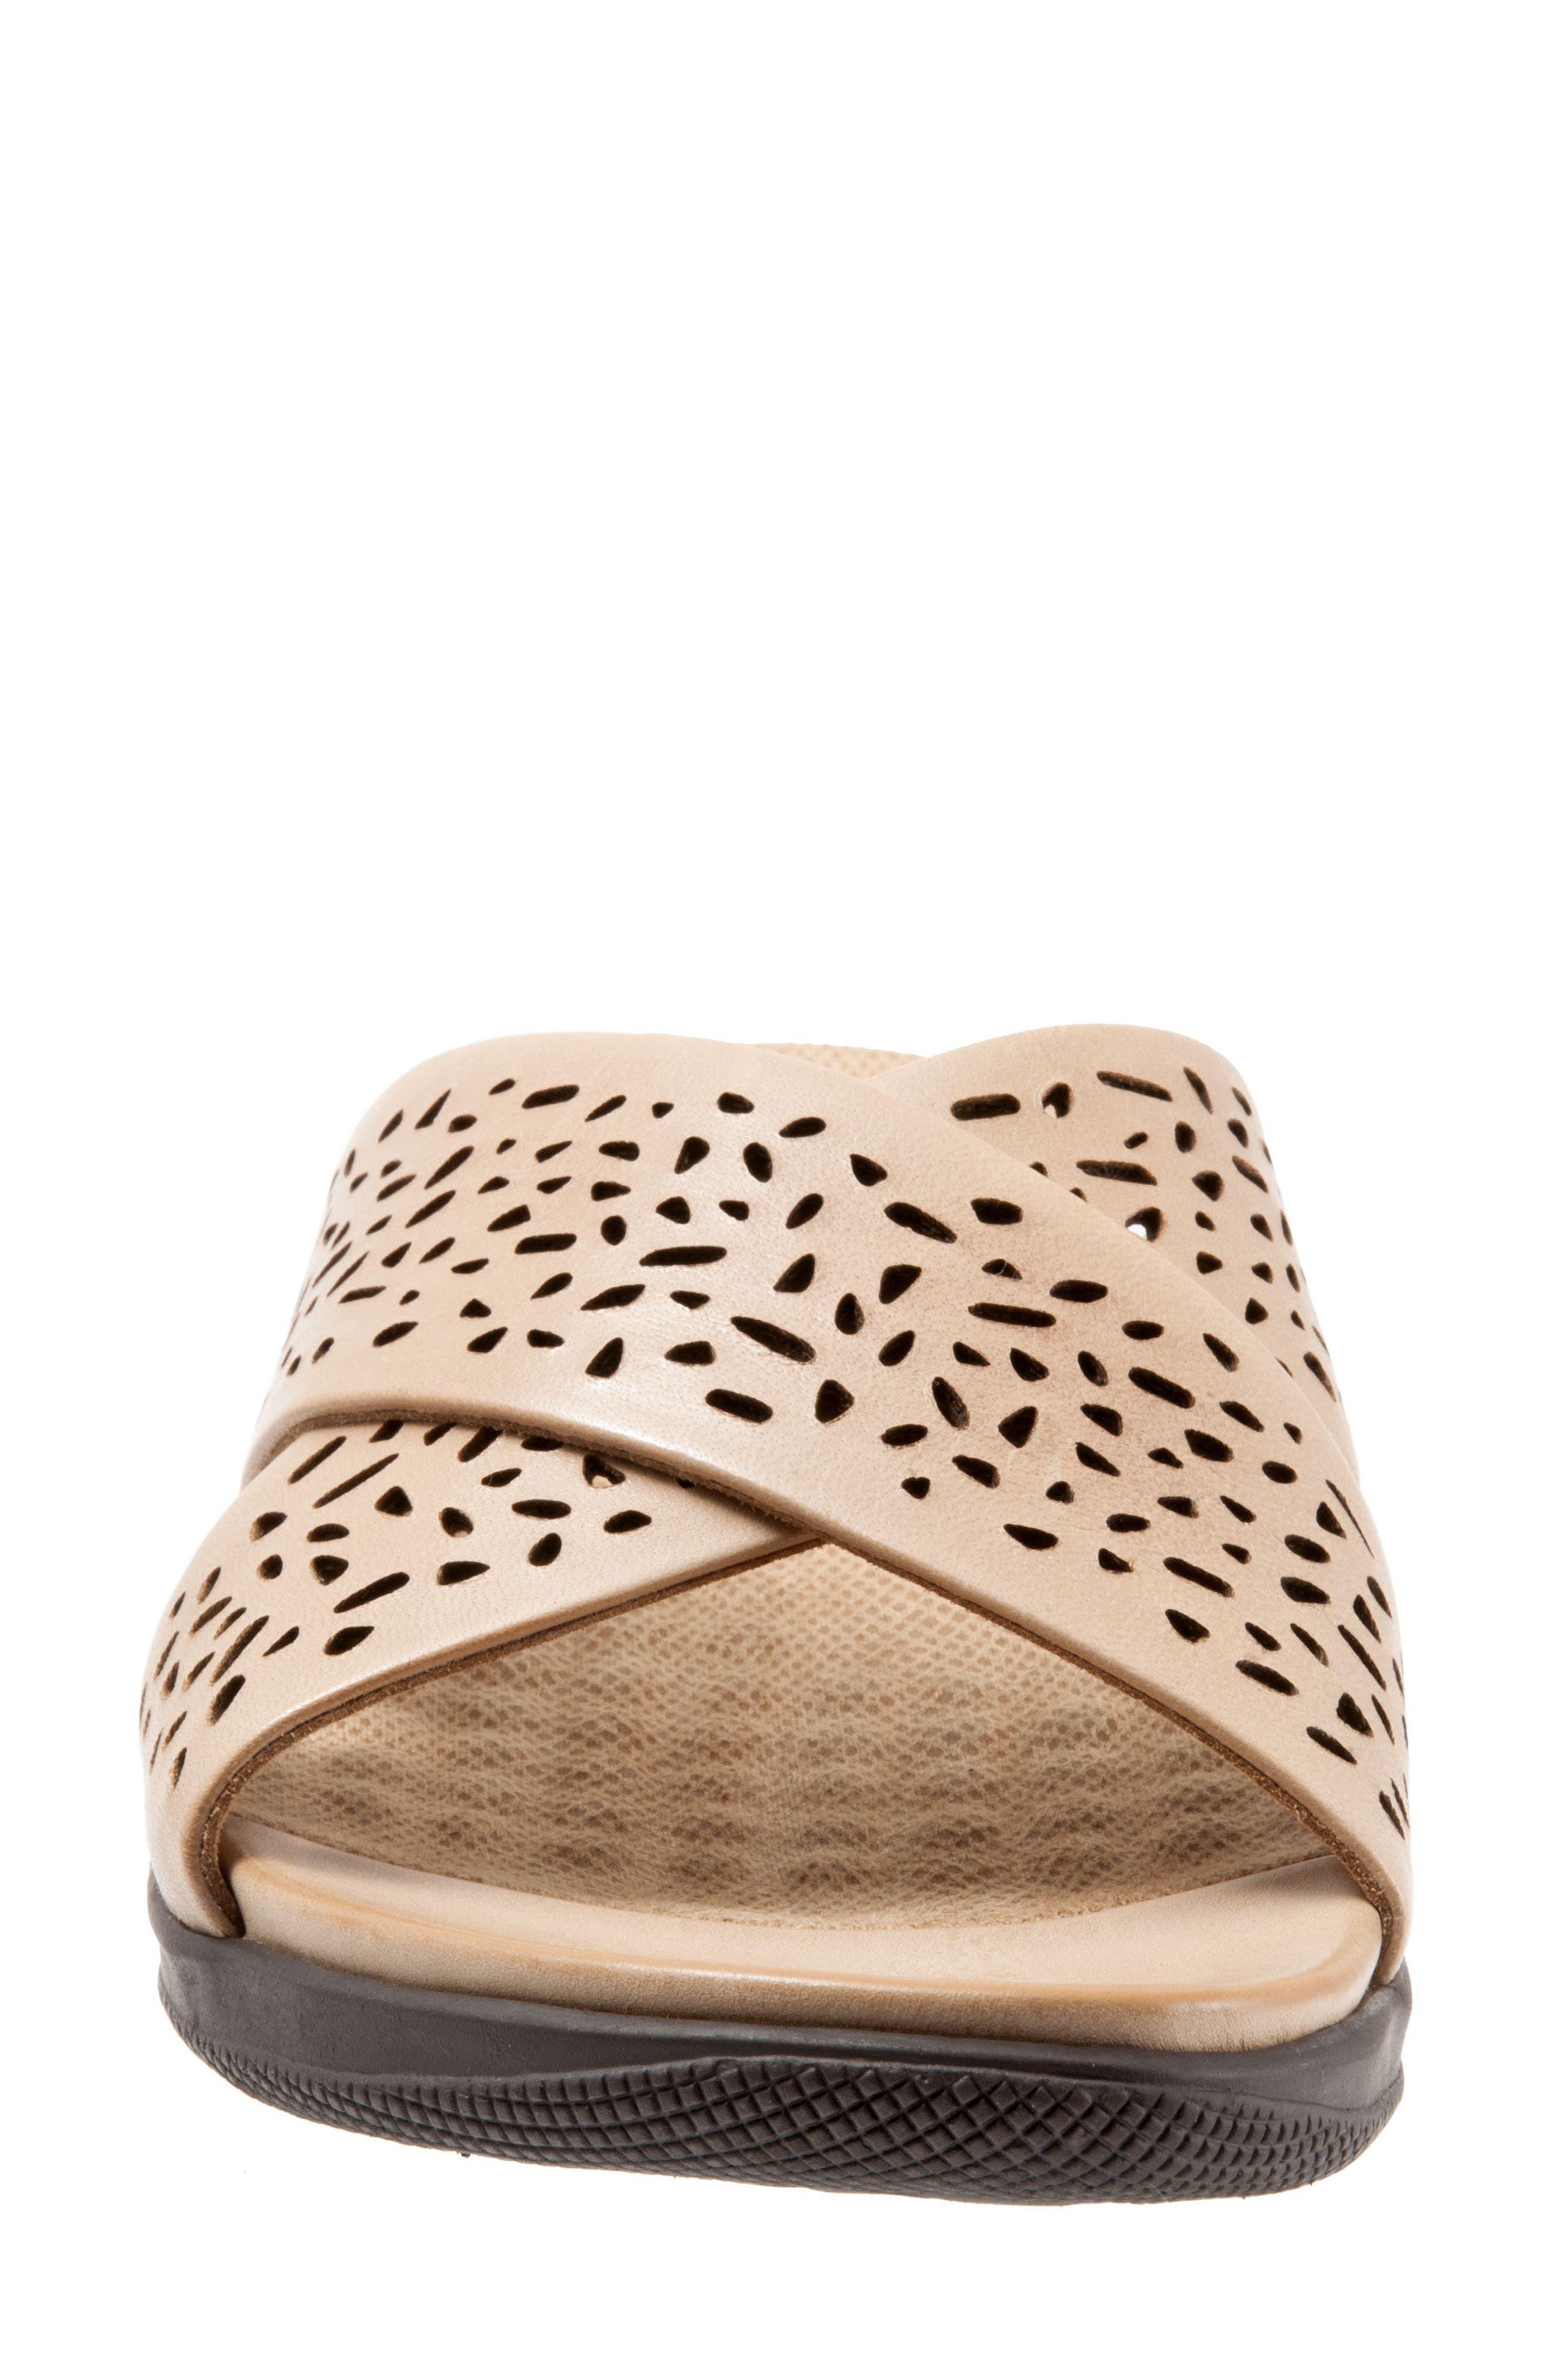 Alternate Image 4  - SoftWalk® 'Tillman' Leather Cross Strap Slide Sandal (Women)